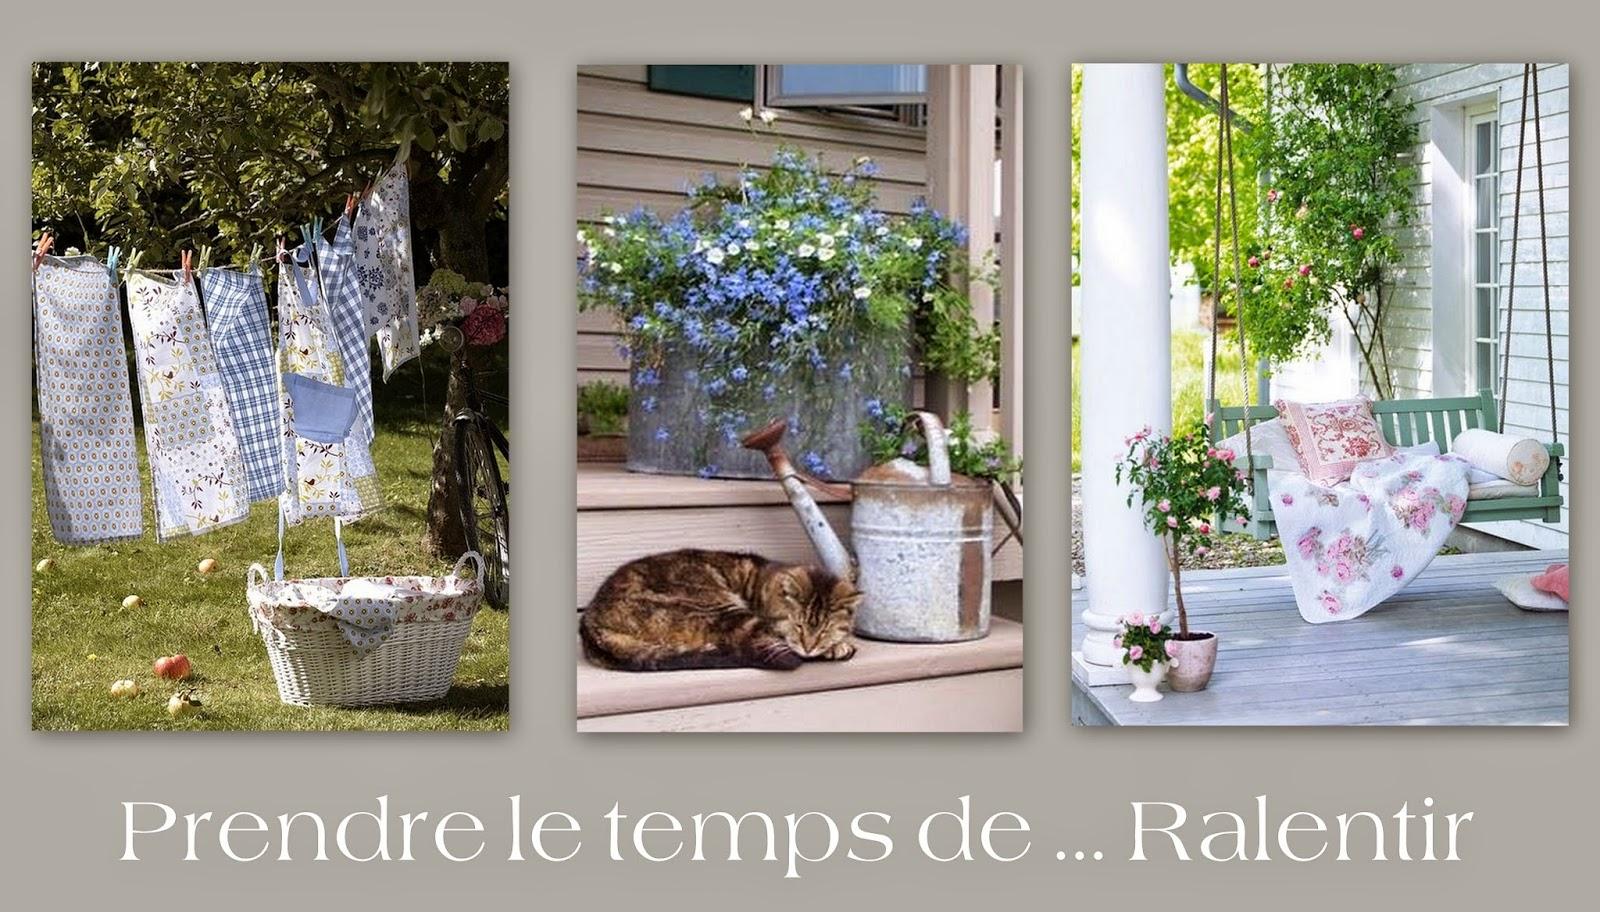 Le sud de Nino ferrer Prendre le temps de savourer une belle chanson  http://prendre-le-temps-de-ralentir.blogspot.fr/2014/08/et-toujours-en-ete.html